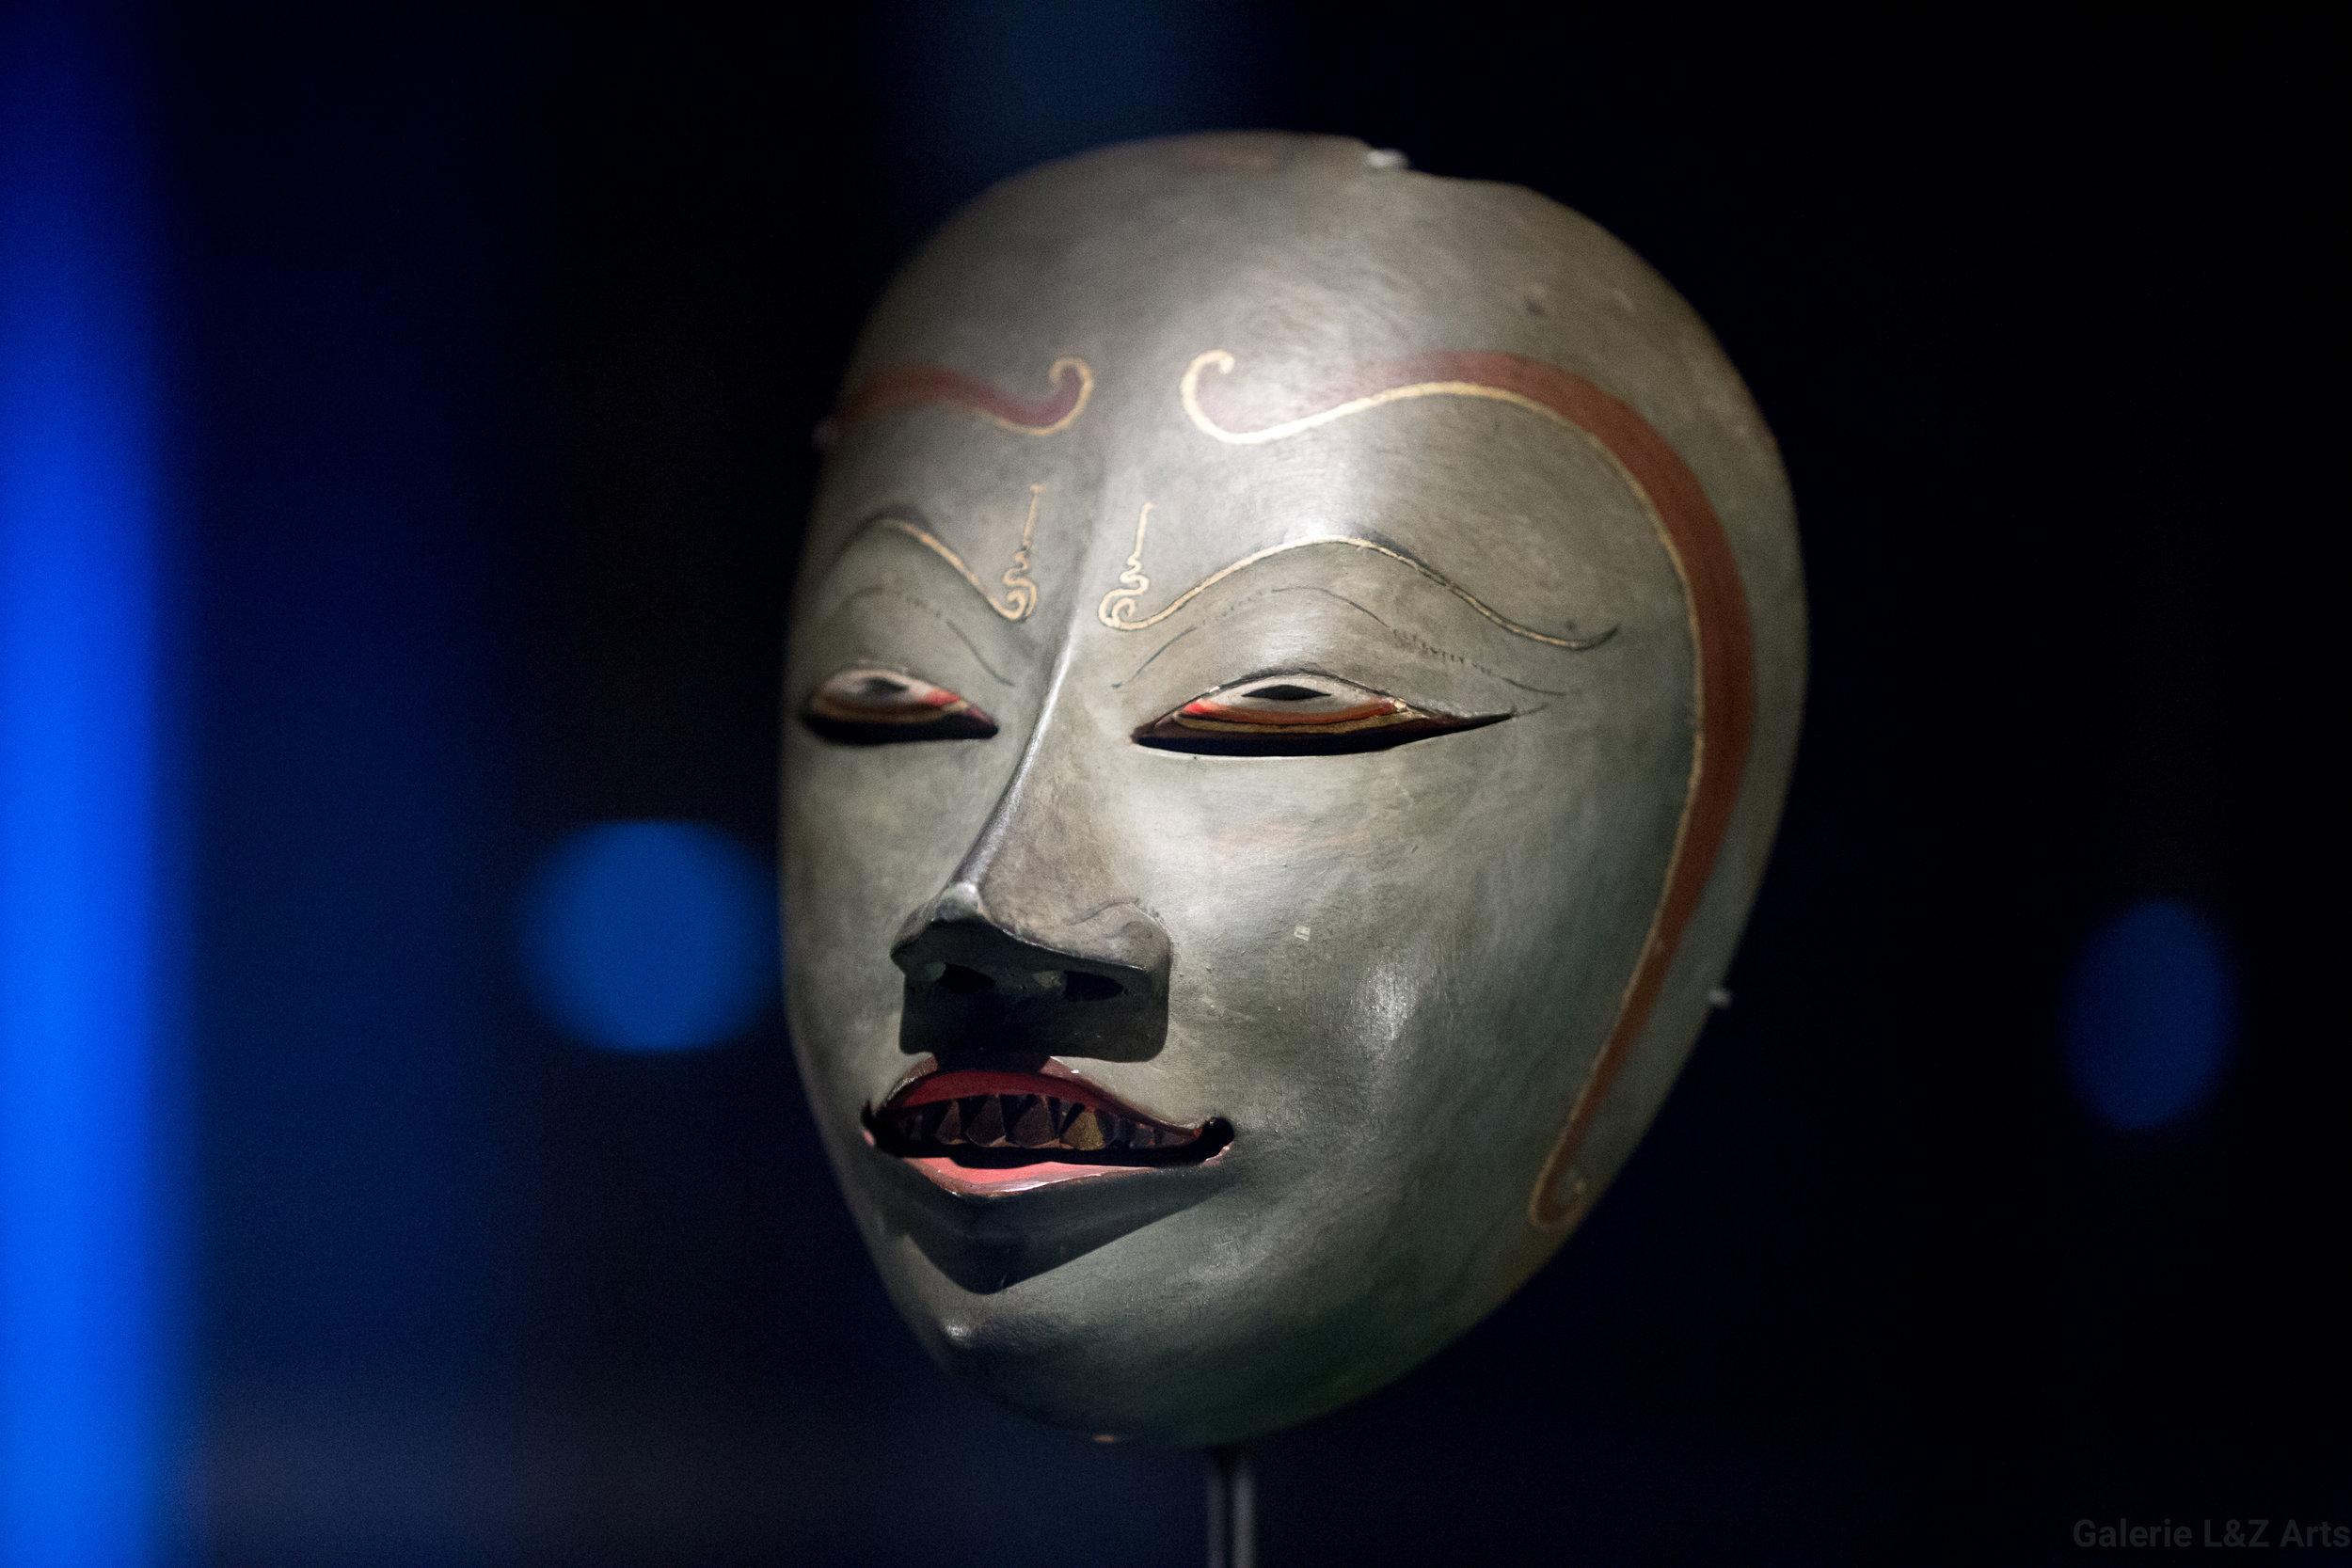 exposition-masque-art-tribal-africain-musee-quai-branly-belgique-galerie-lz-arts-liege-cite-miroir-oceanie-asie-japon-amerique-art-premier-nepal-18.jpg